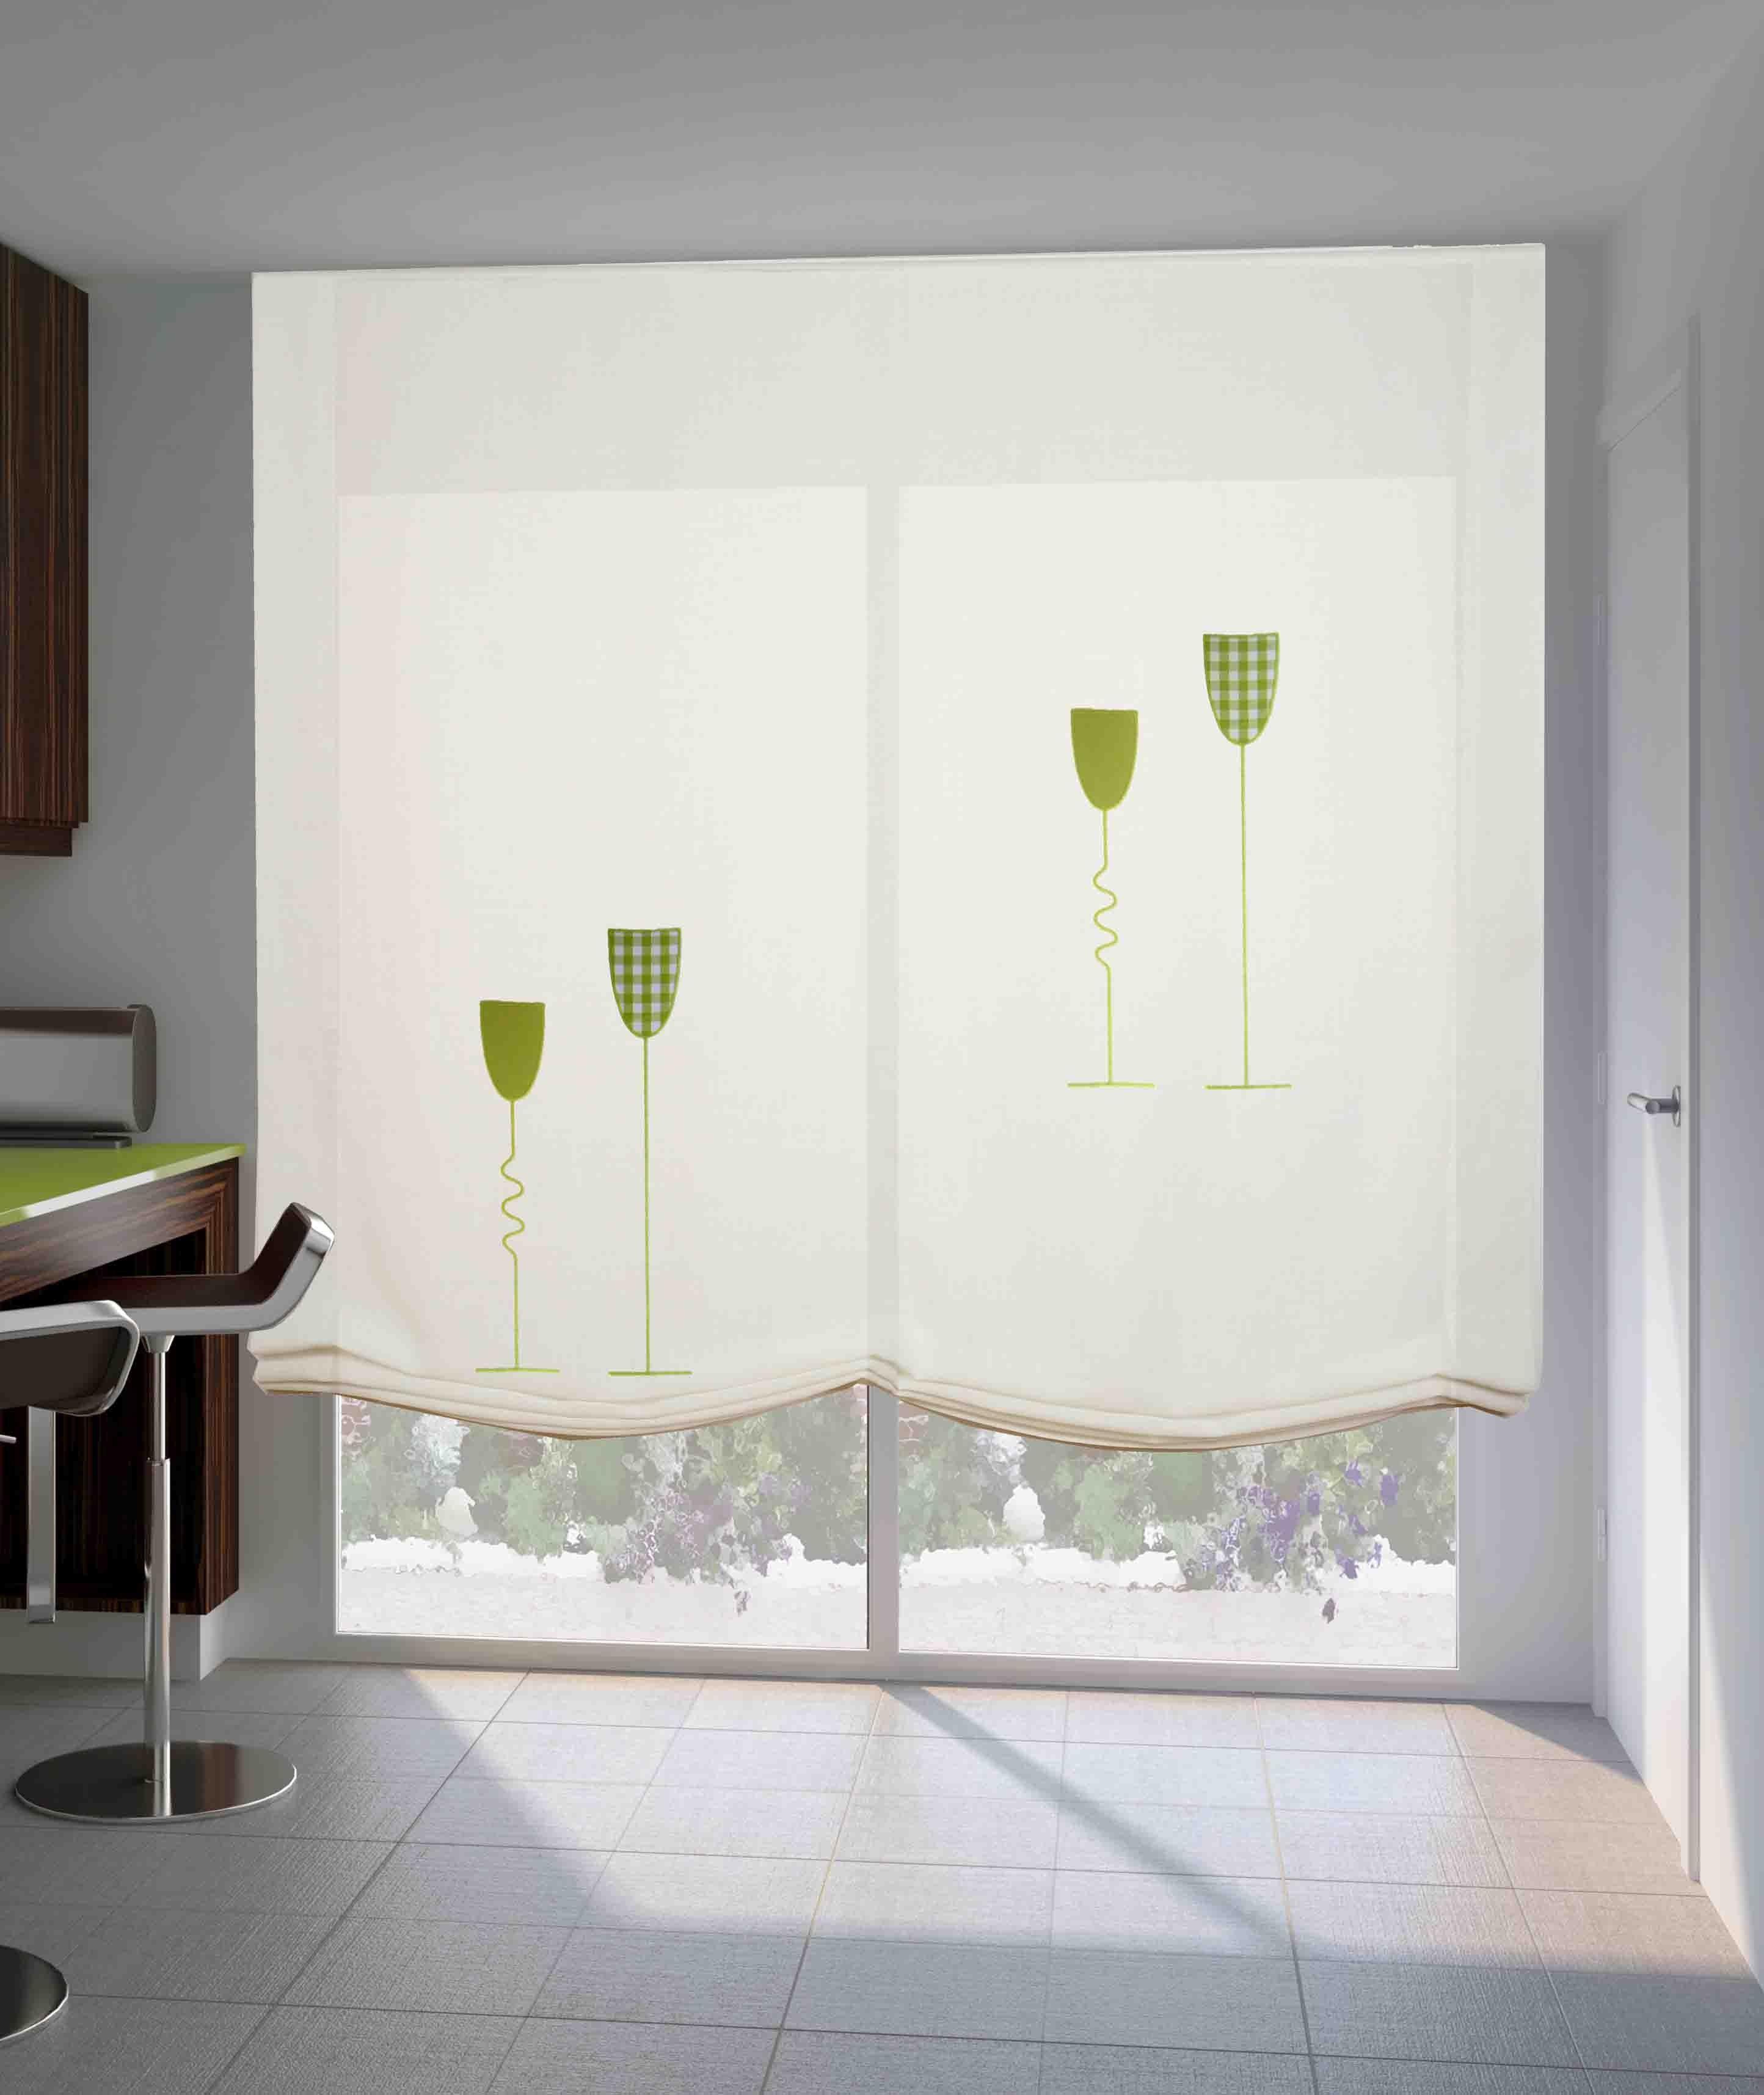 Vistiendo la ventana de tu cocina con estilo cortinas - Estores para cocina ...